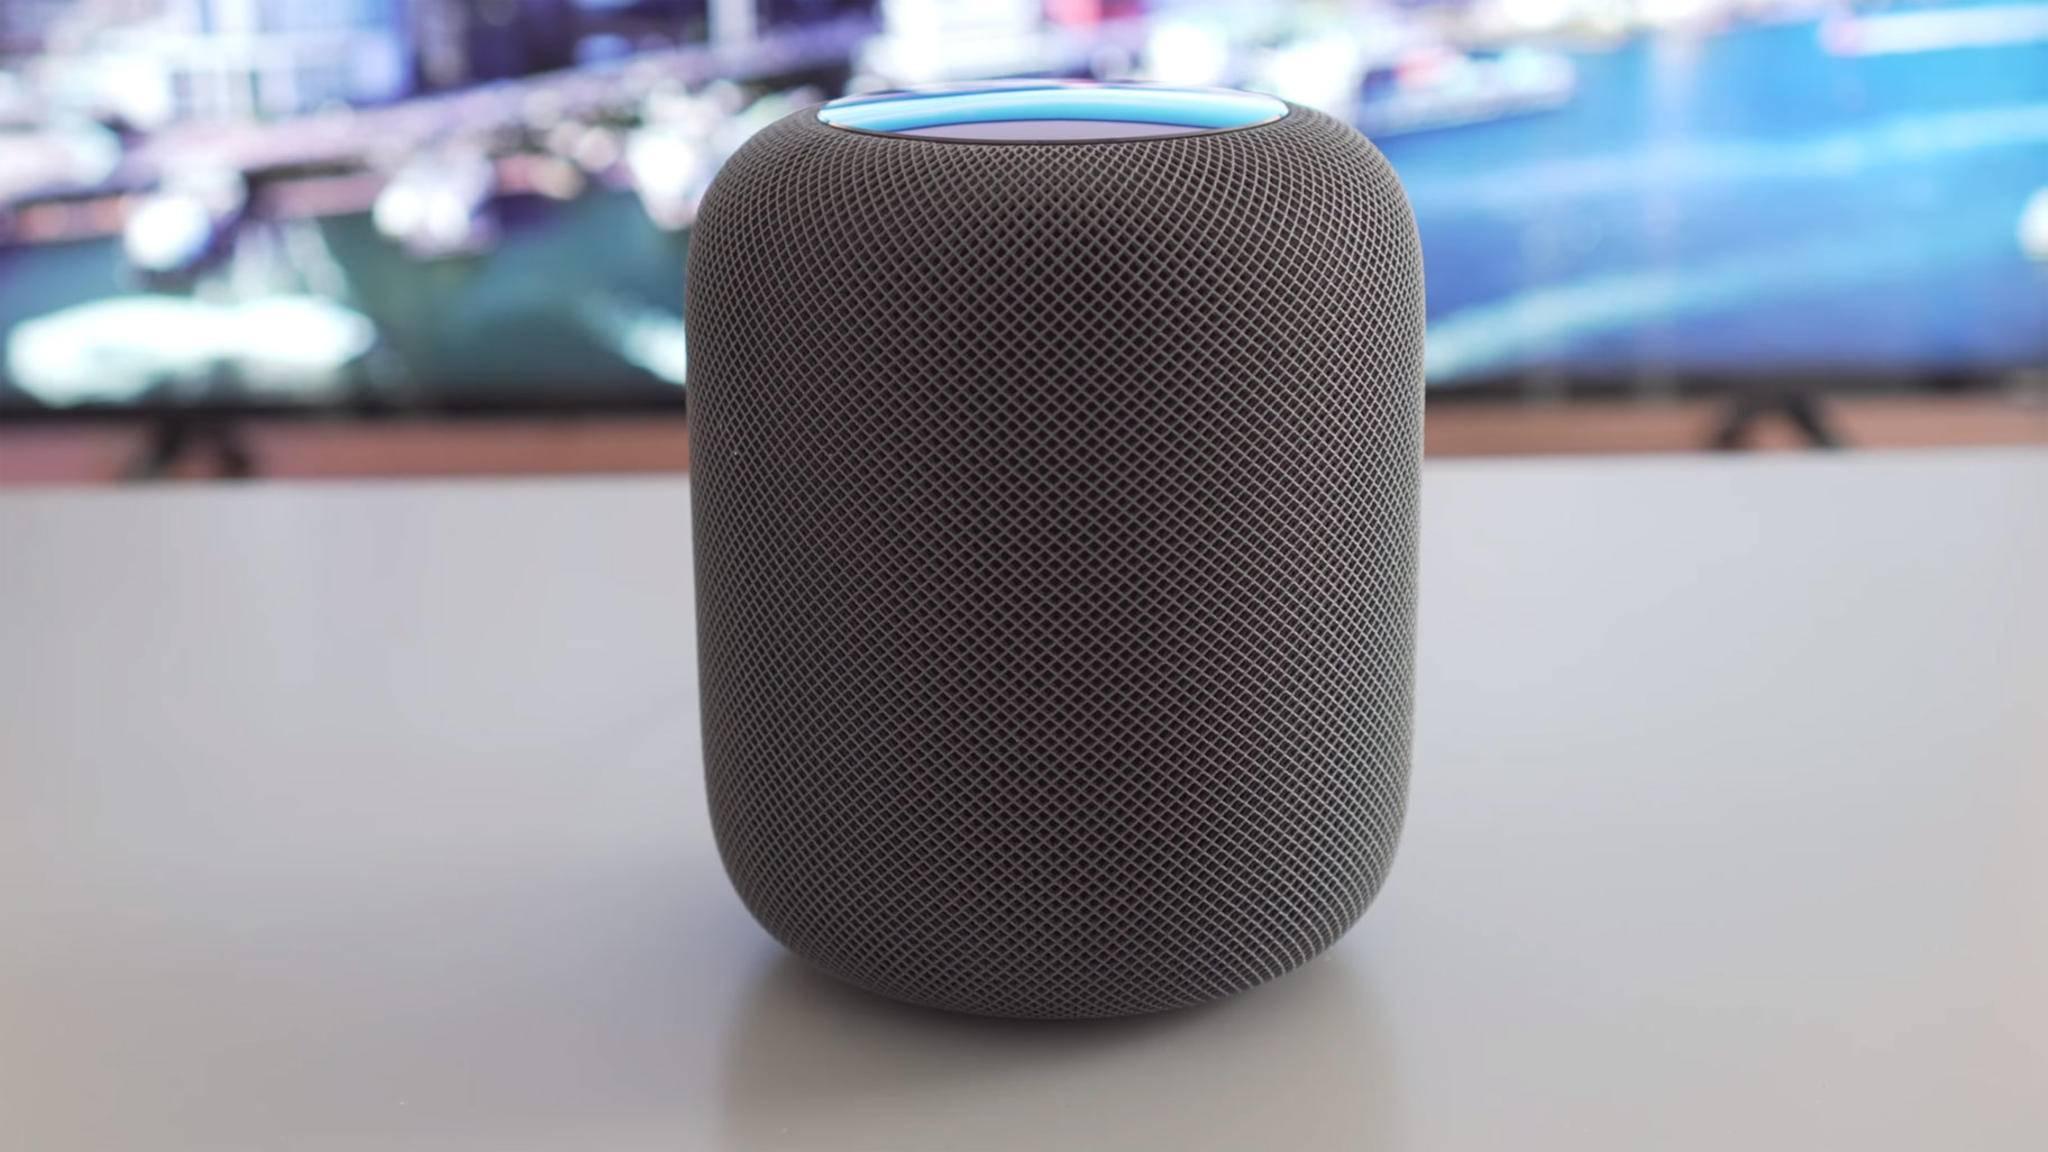 Stabil, aber kaum zu reparieren: Die Reparaturexperten vergeben nur einen Punkt für den Apple HomePod, was die Reparierbarkeit betrifft.